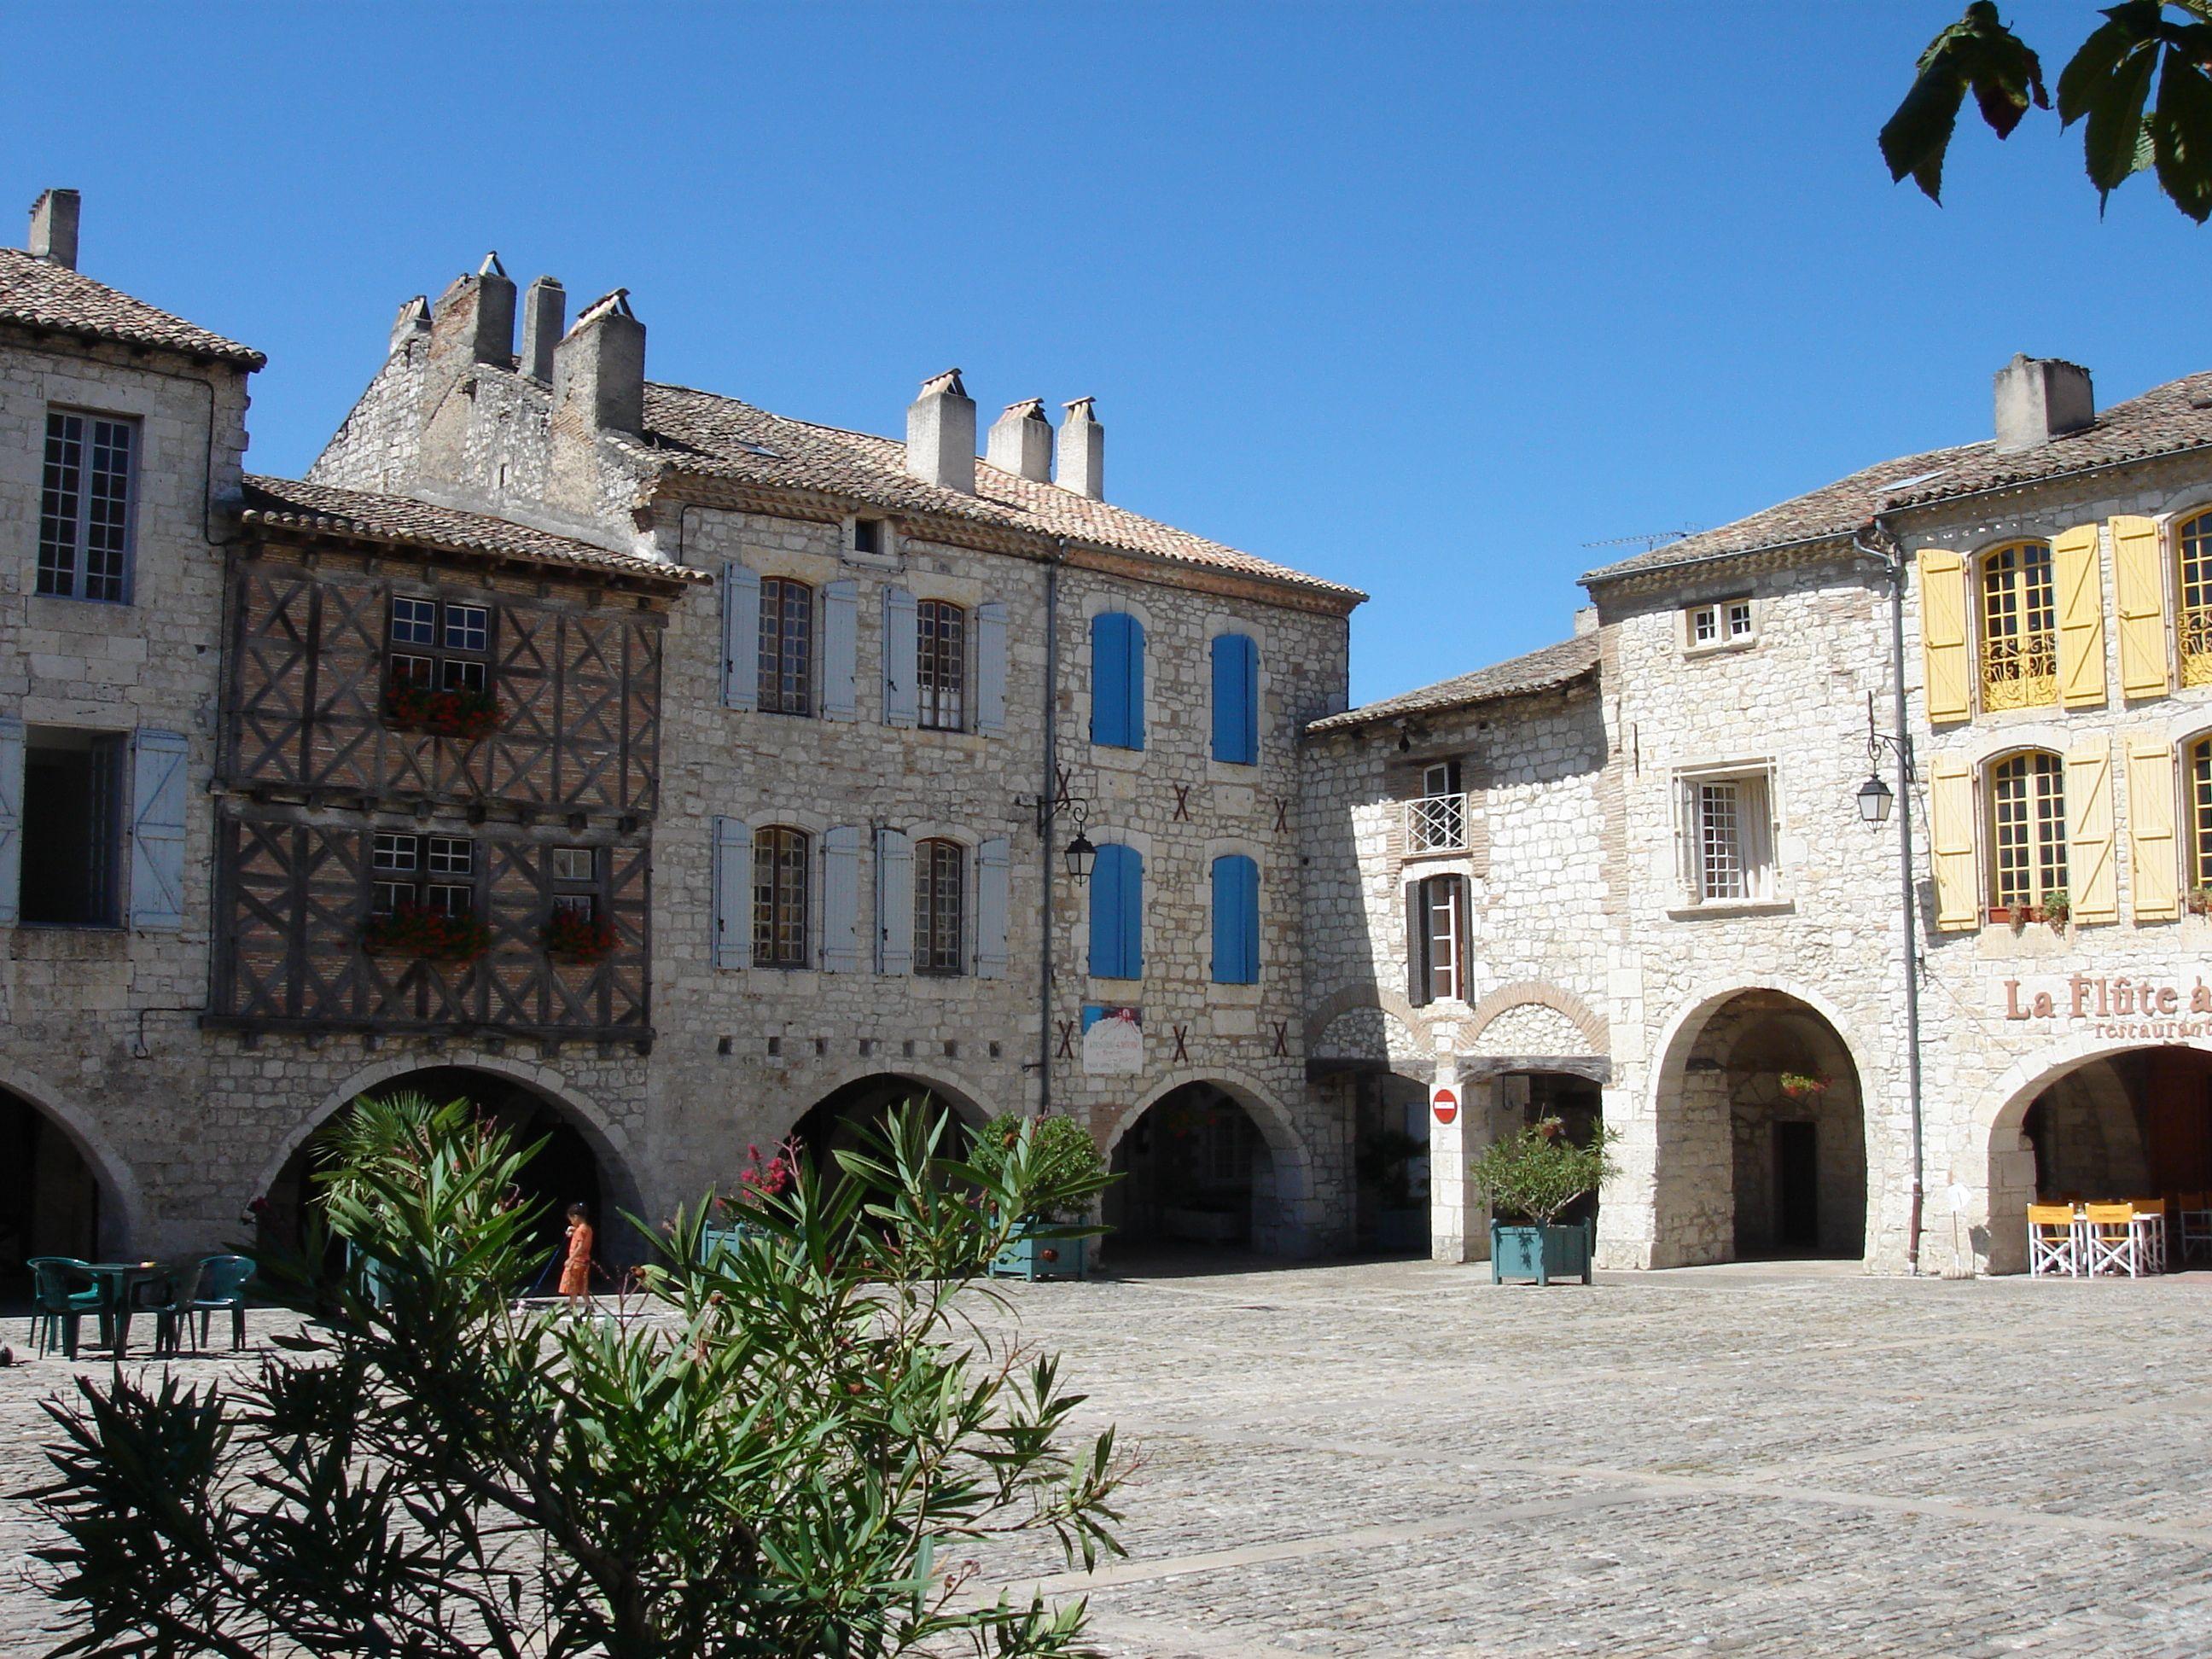 Lauzerte, Castelsarrasin, Tarn-et-Garonne, Midi-Pyrénées, France